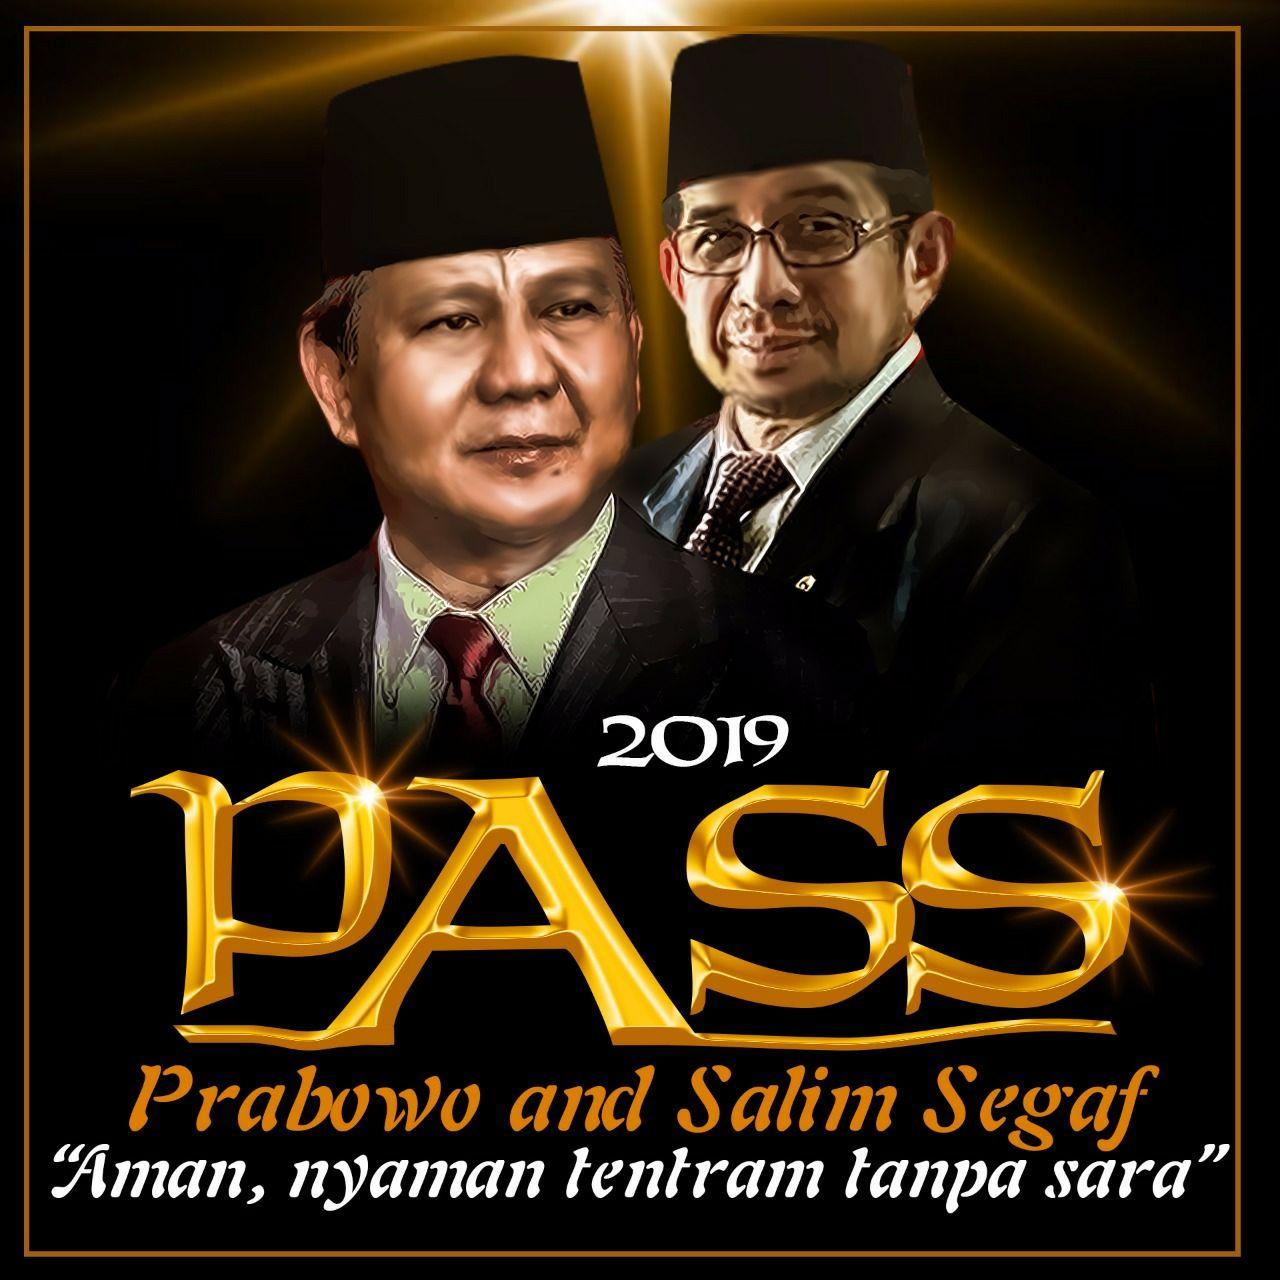 PKS Terus Perjuangkan Habib Salim Segaf Aljufri Menjadi Cawapres